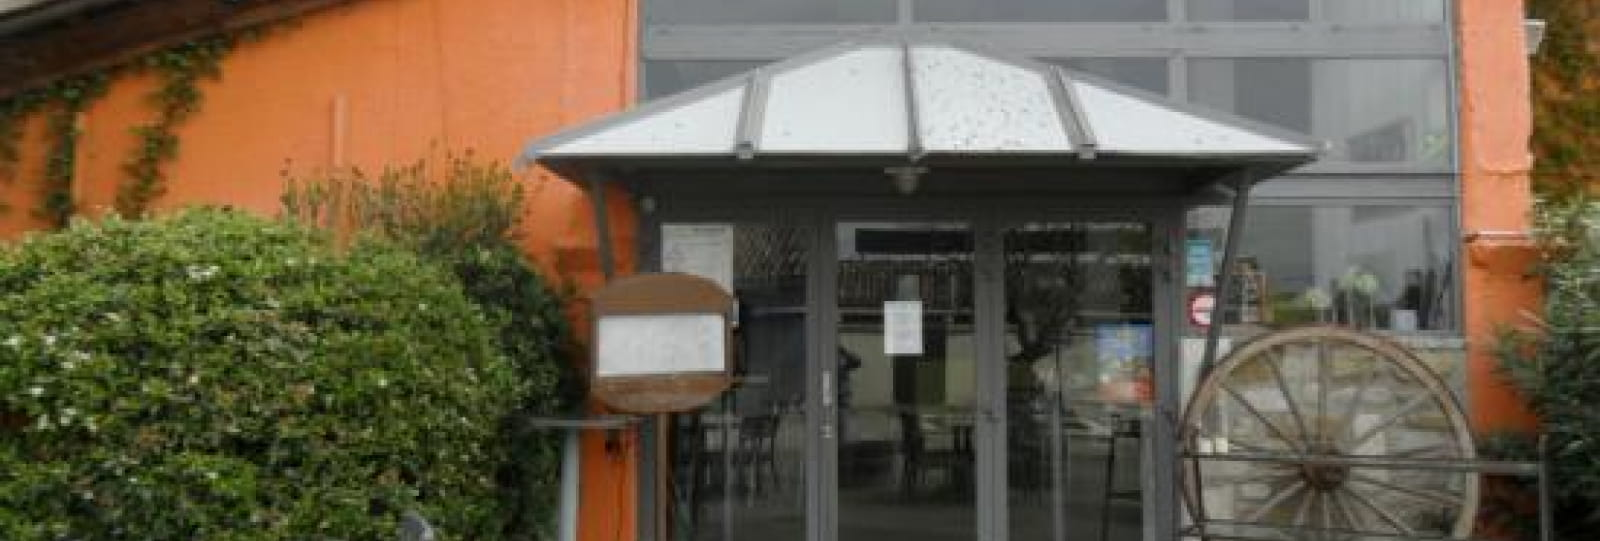 Restaurant Pizzeria La Crémaillère